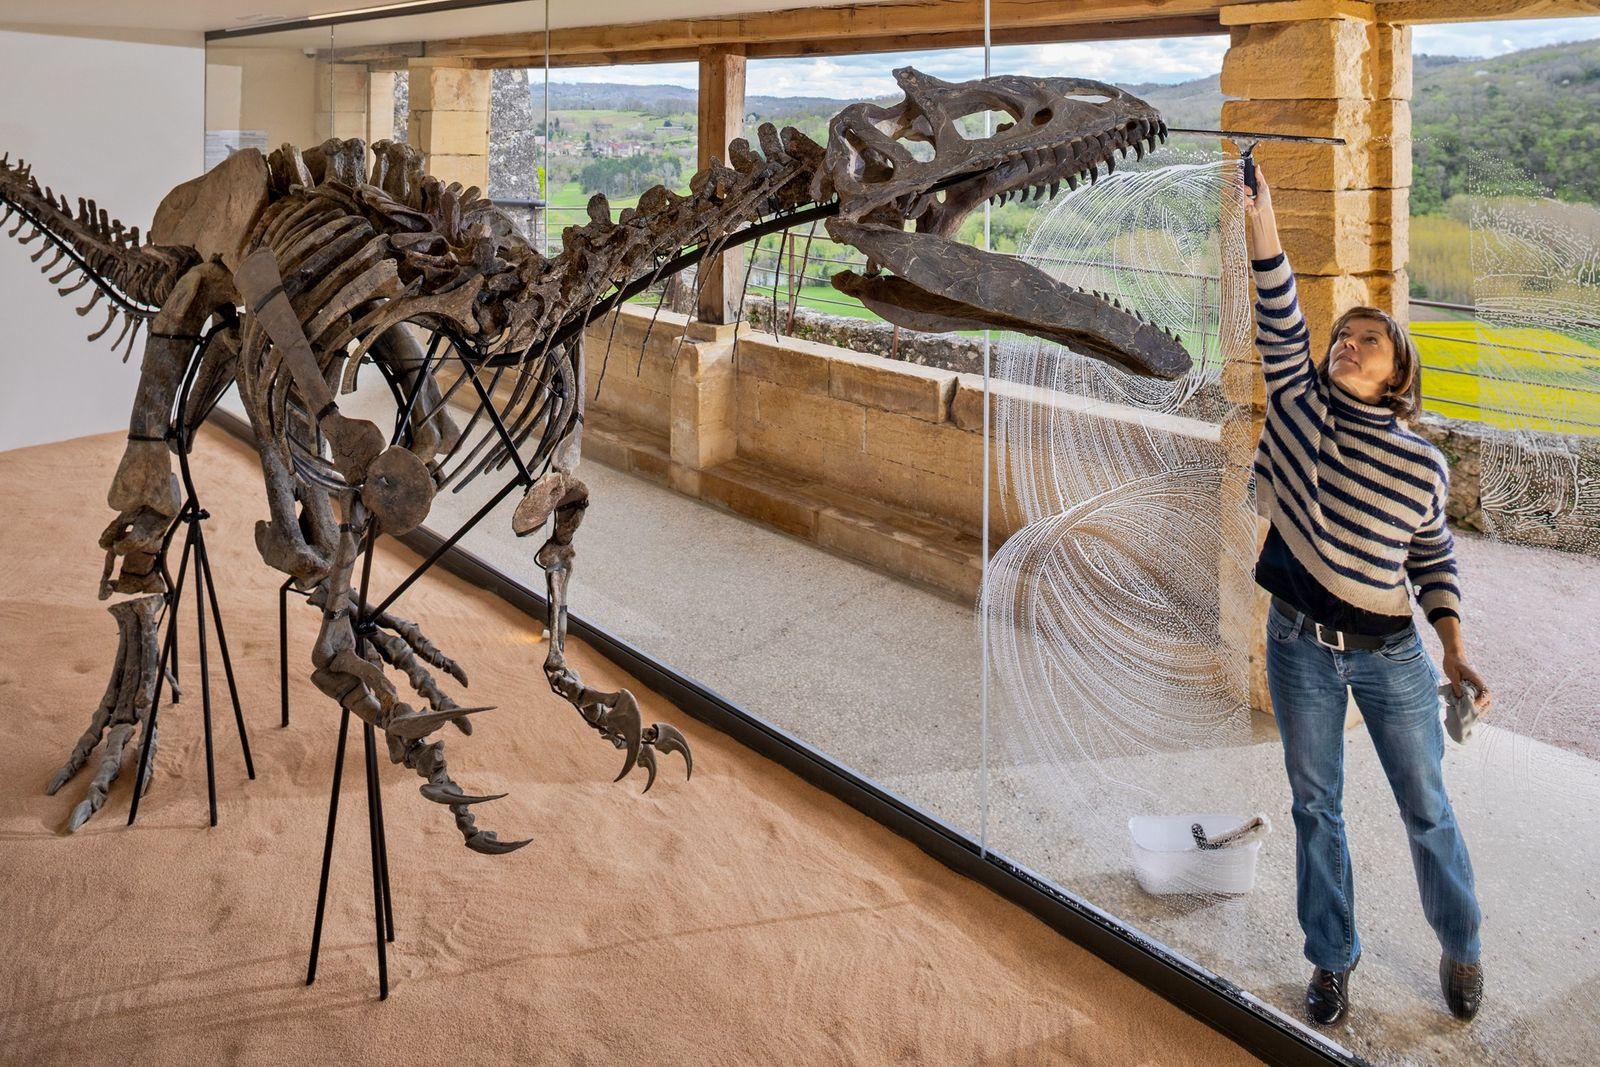 Dans les jardins de Marqueyssac (Dordogne), Stéphanie Angleys, chargée de communication, nettoie la vitrine d'un Allosaurus ...